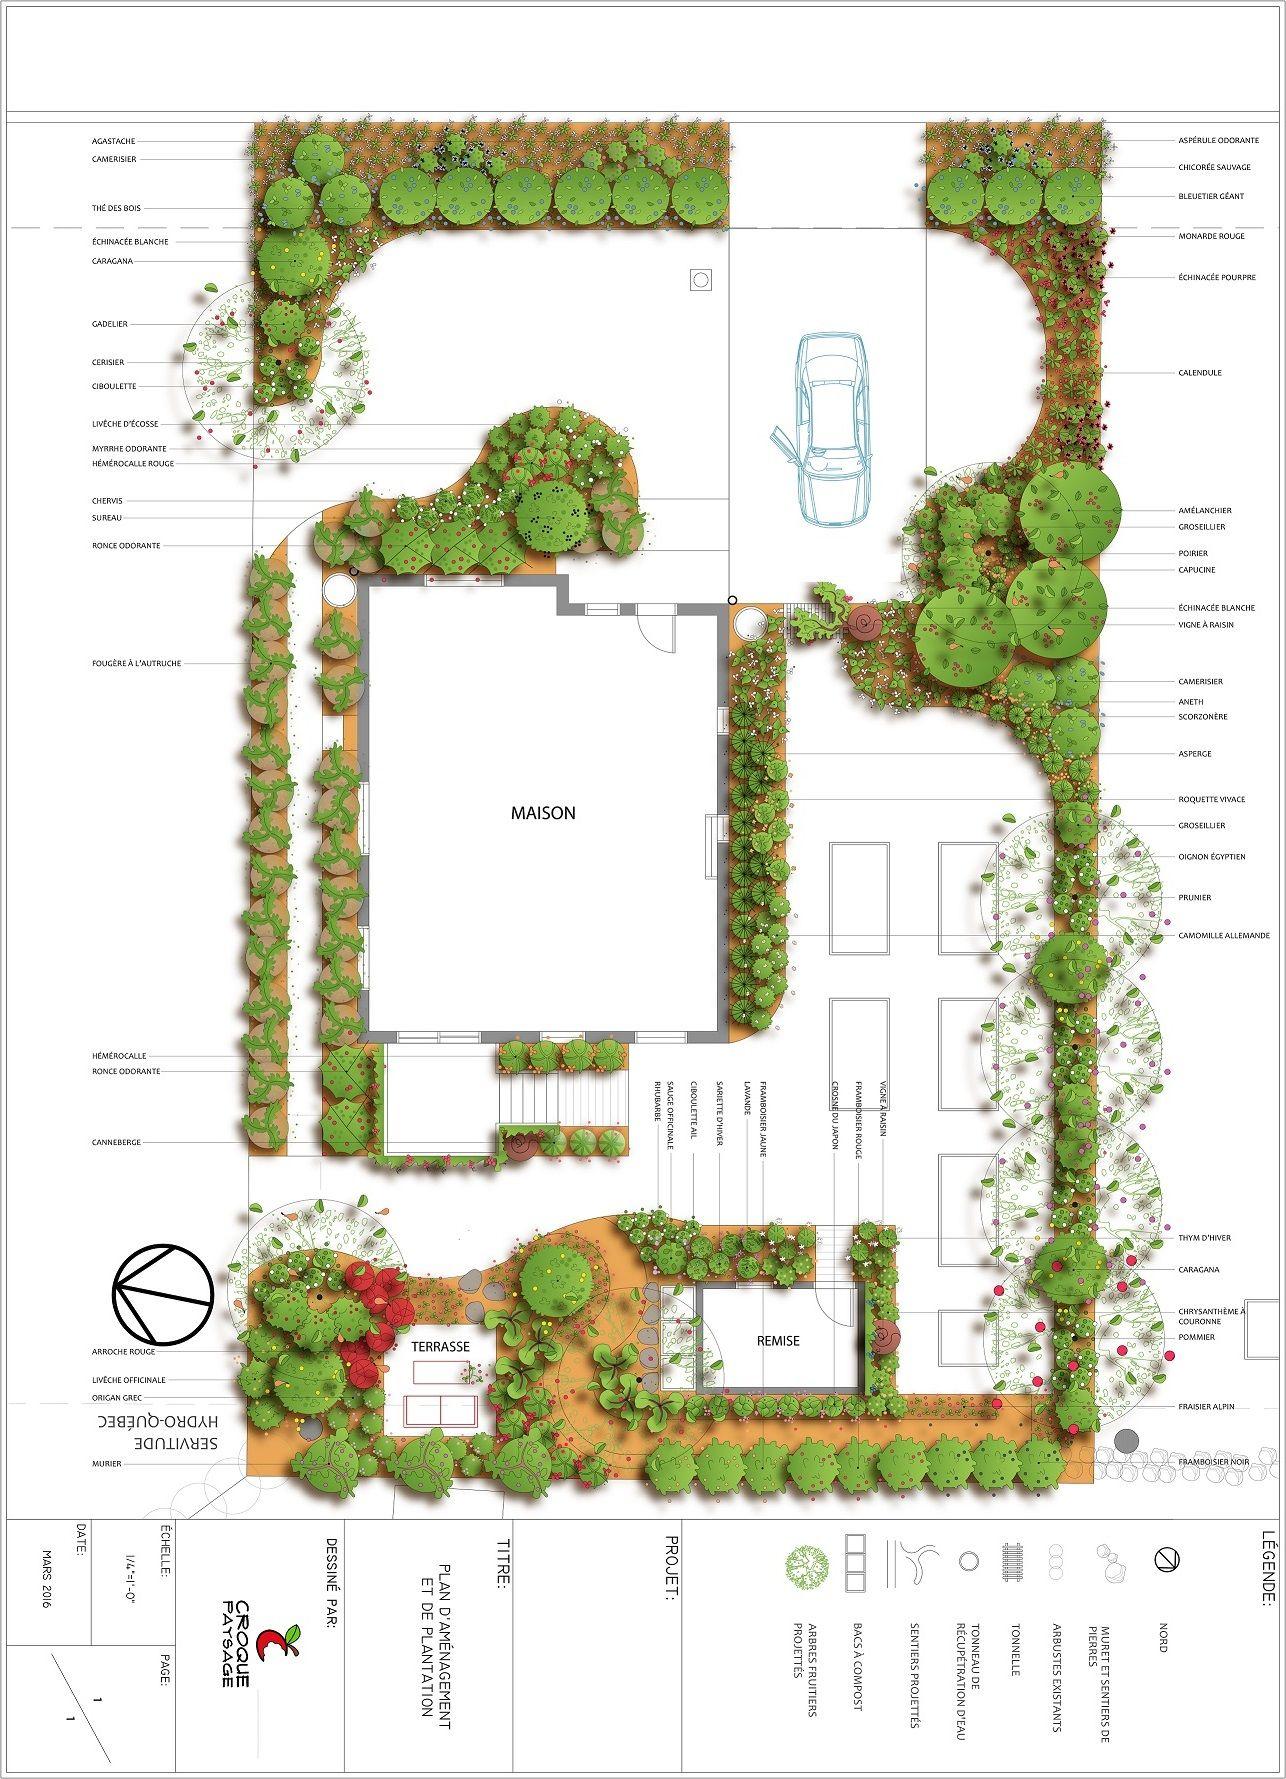 Boutique De Plantes Vivaces Comestibles Pour Le Quebec Plantes Pour Amenagement Paysager Comestible Amenagement Paysager Design De Jardin Potager Paysagiste